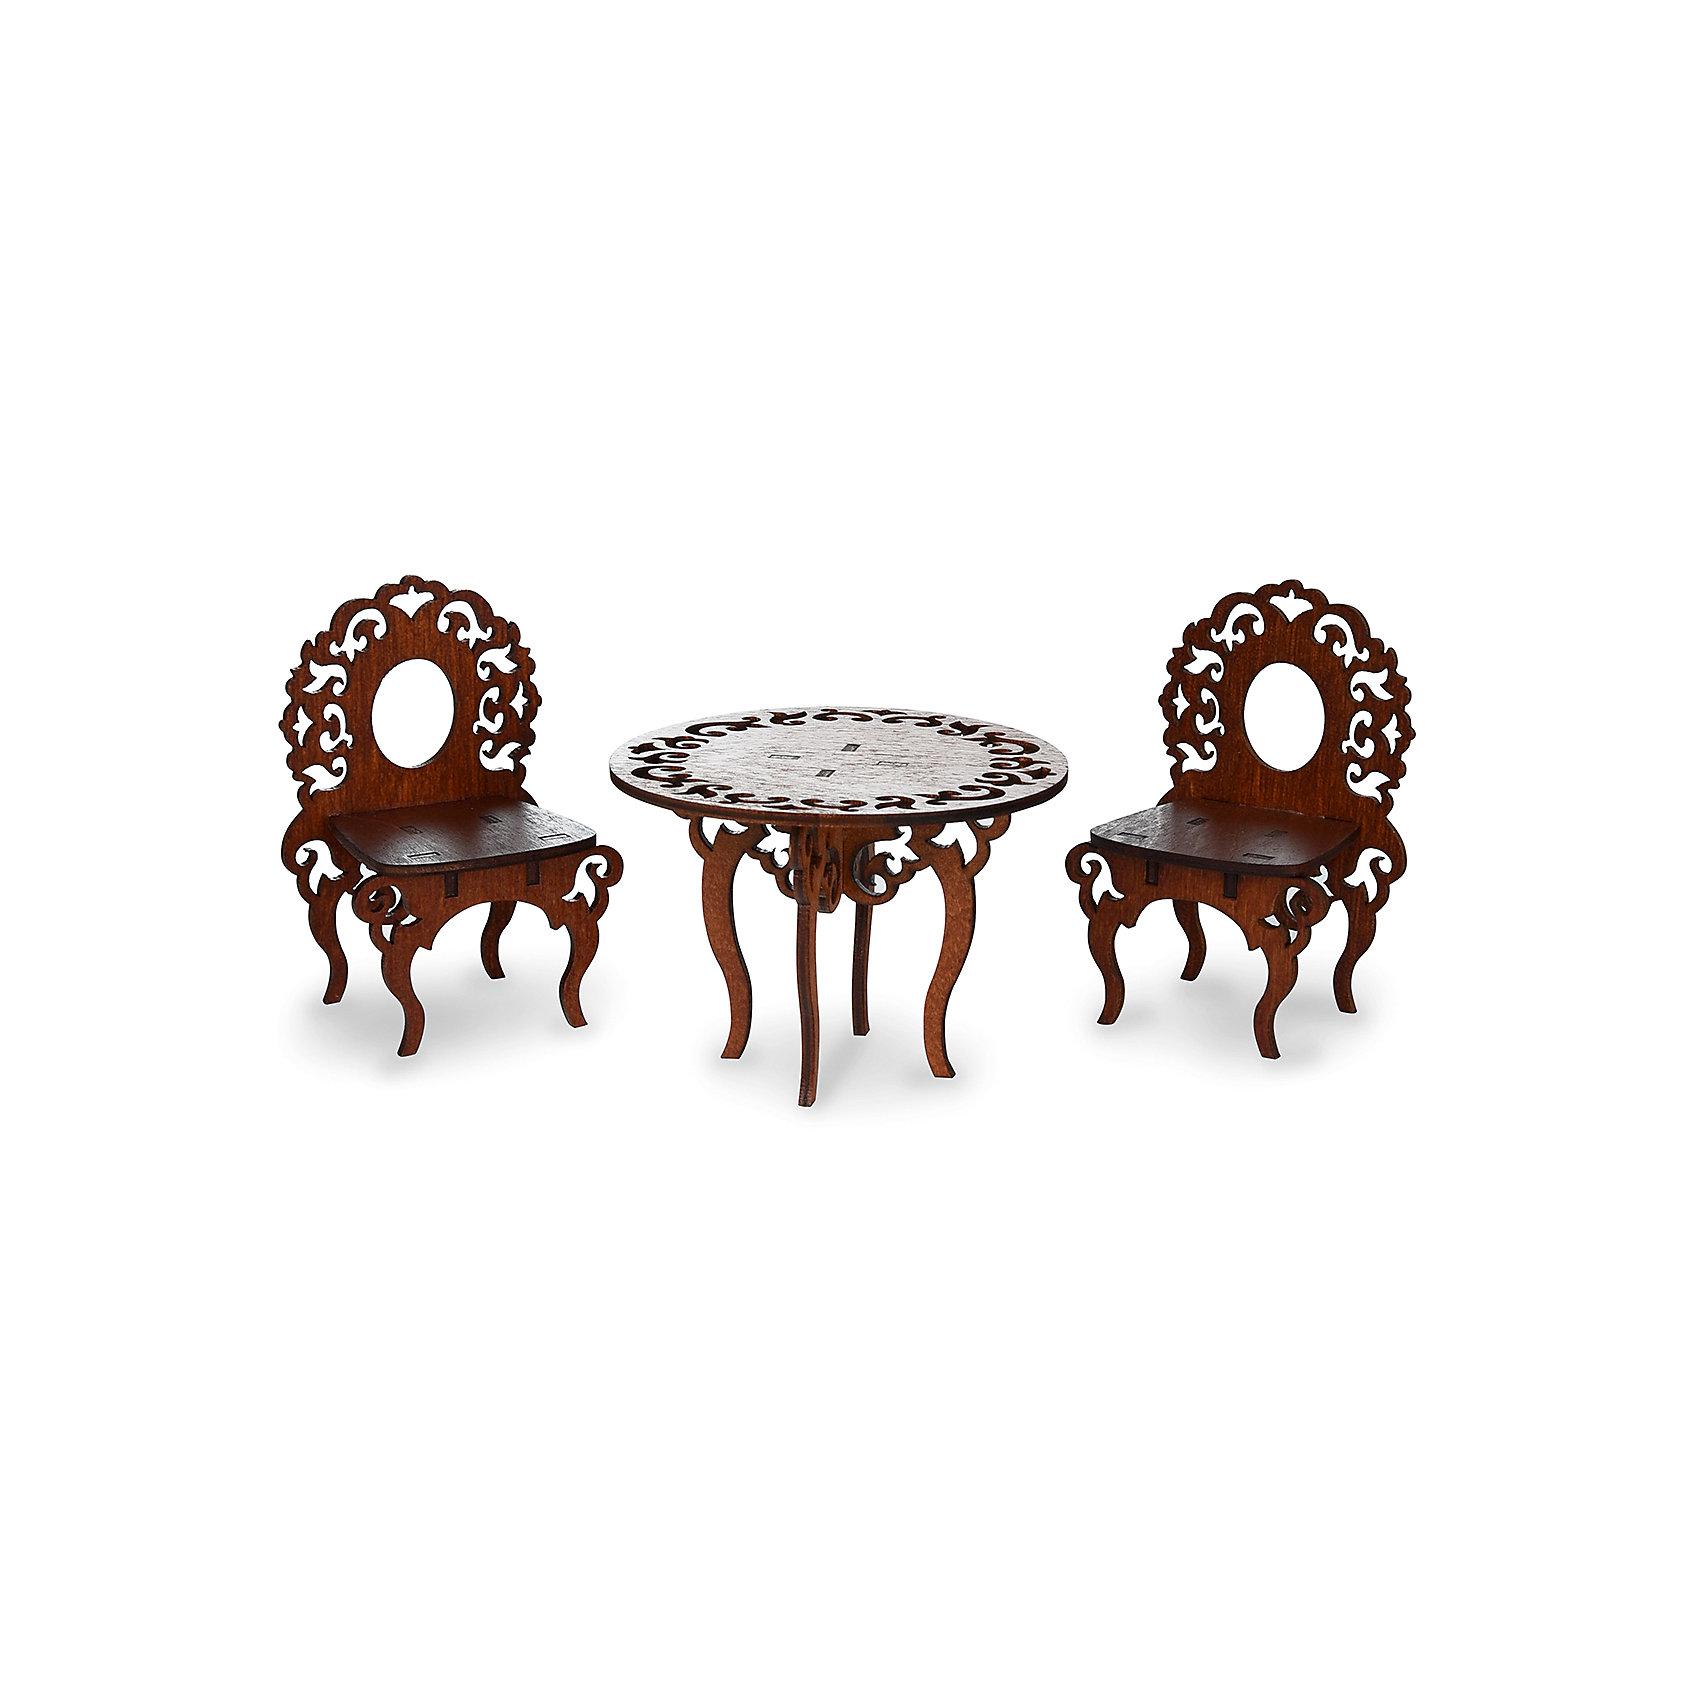 Комплект мебели ЯиГрушка Стол с двумя стульямиДомики и мебель<br><br><br>Ширина мм: 9999<br>Глубина мм: 9999<br>Высота мм: 9999<br>Вес г: 9999<br>Возраст от месяцев: 48<br>Возраст до месяцев: 96<br>Пол: Женский<br>Возраст: Детский<br>SKU: 7089688